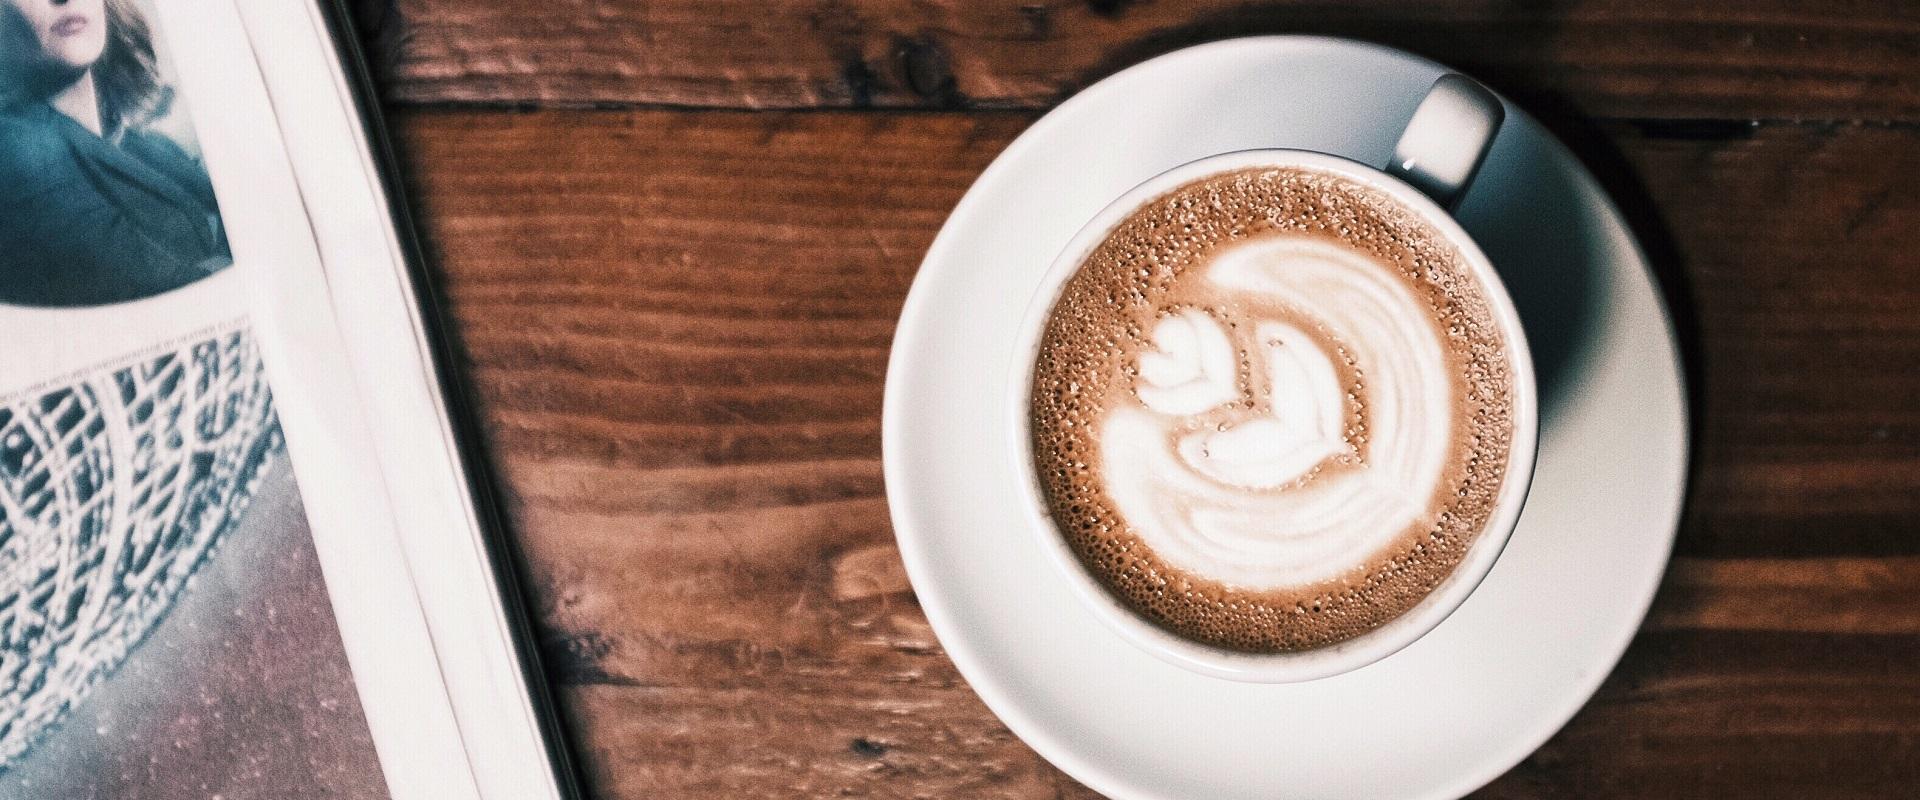 inspiration kaffe bets möbler inredning